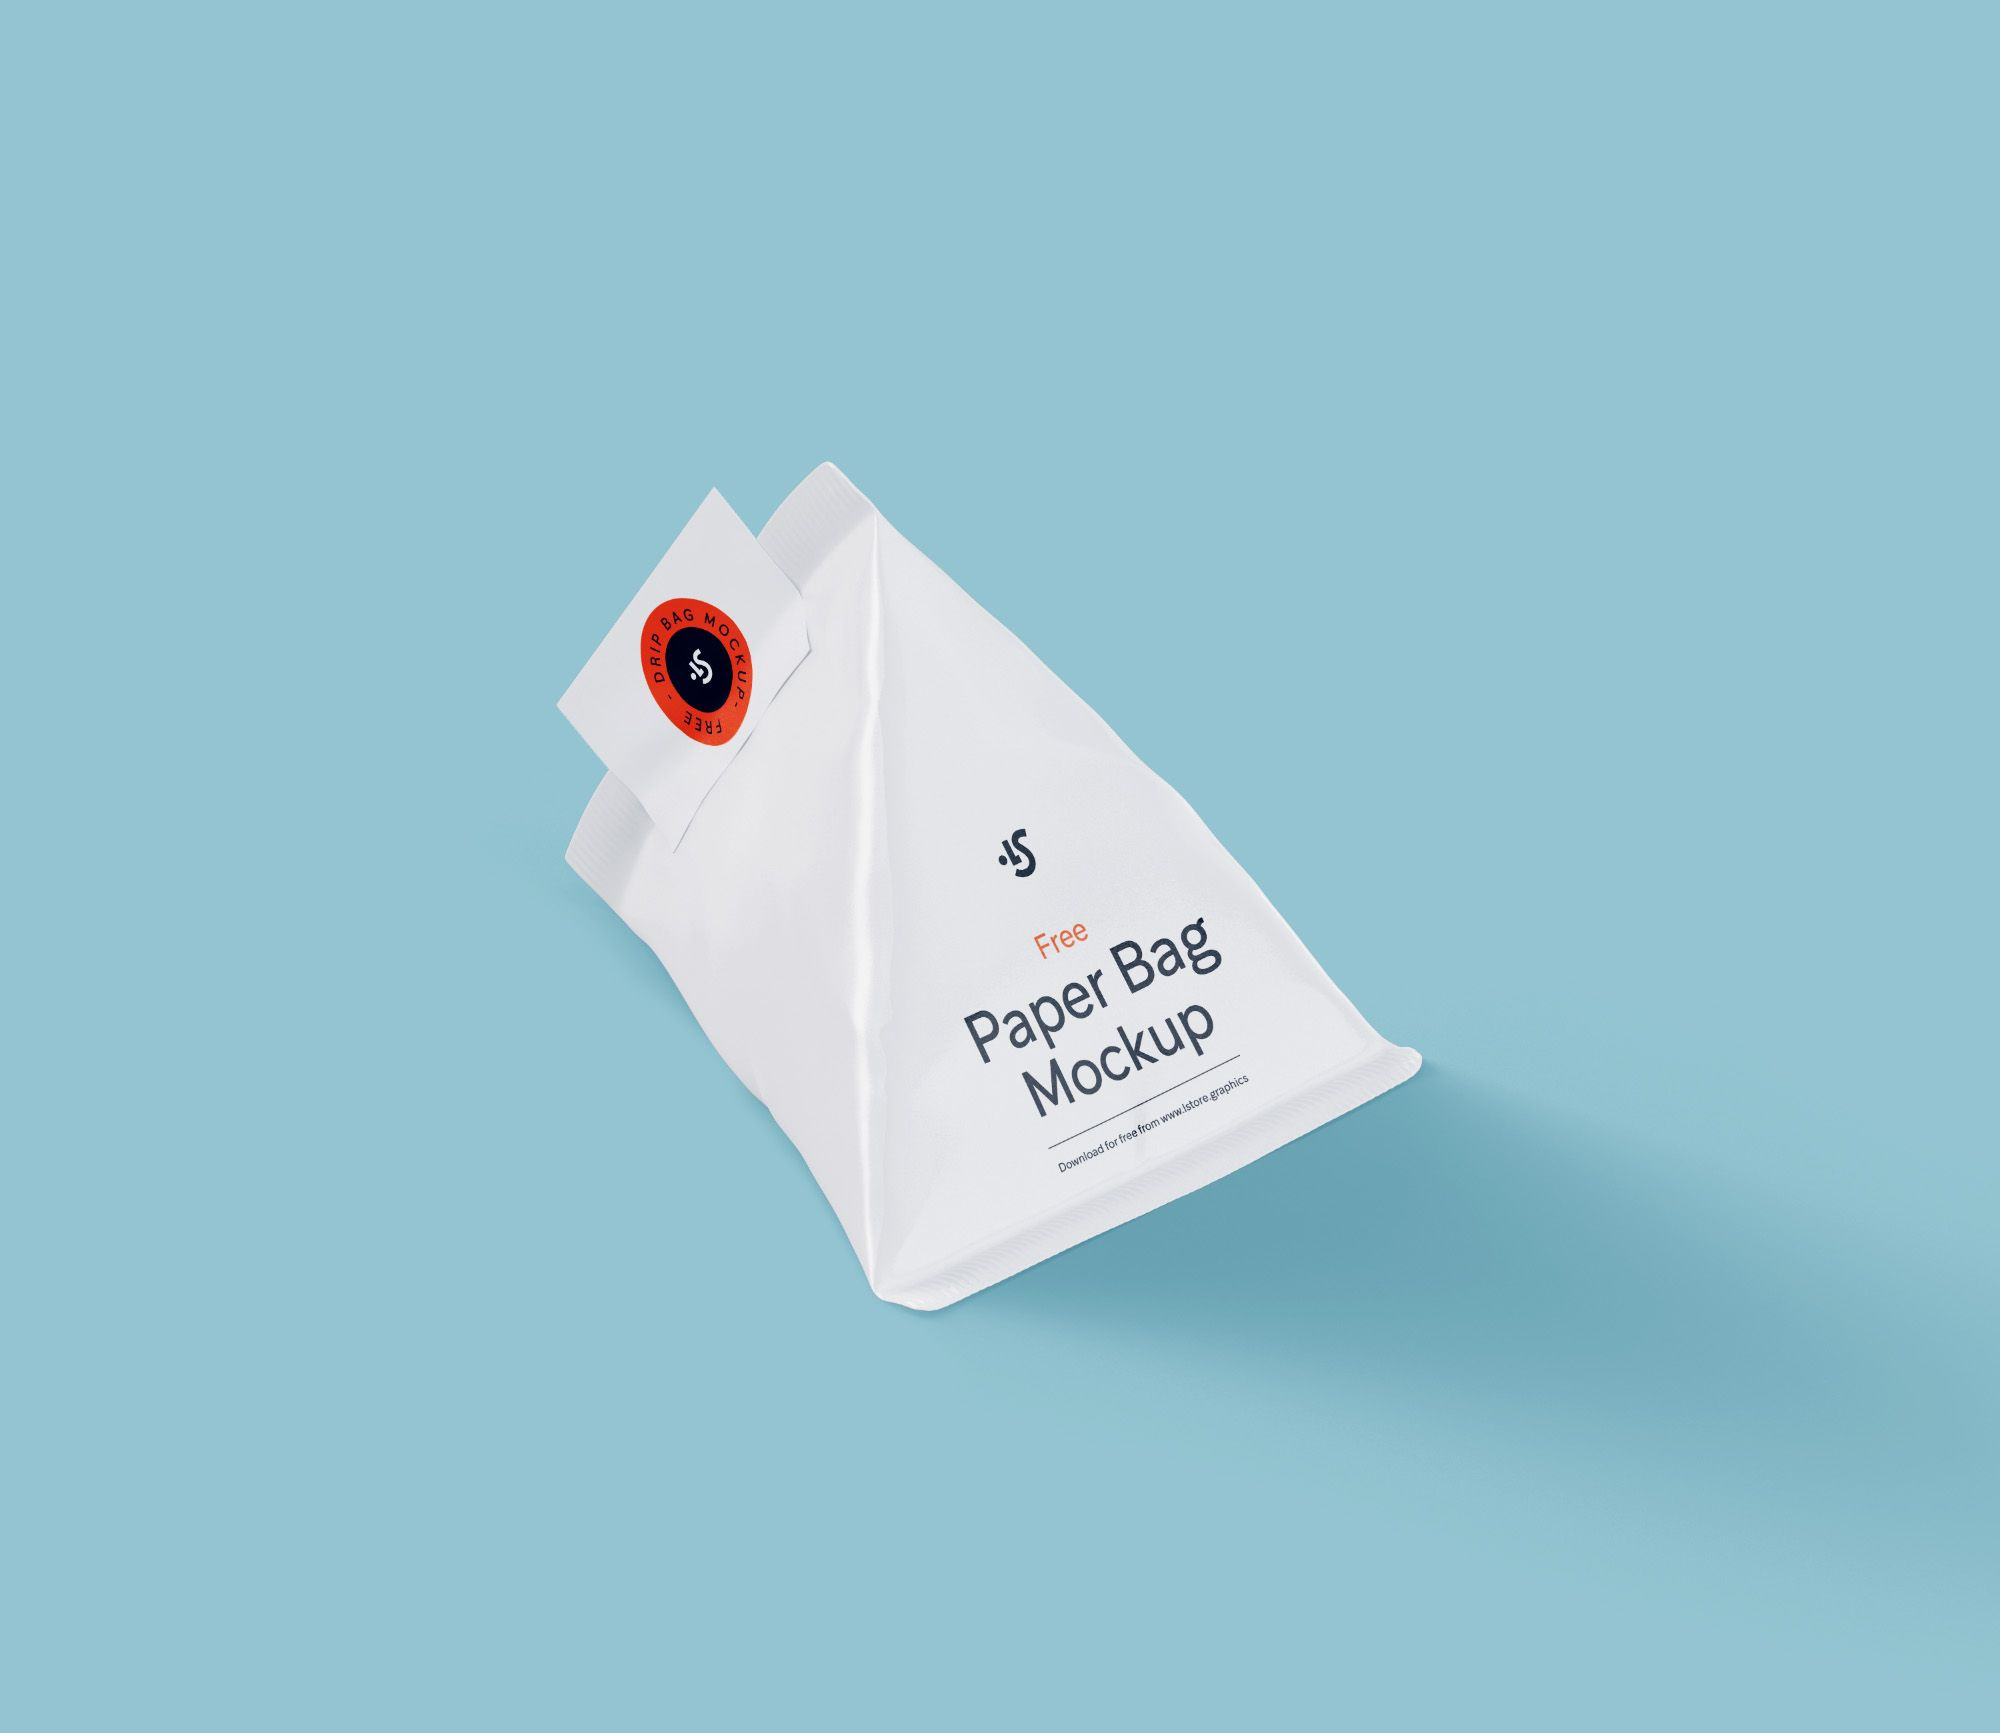 Download Free Elegant Paper Bag Design Mockup In Psd Elegant Paper Bag Design Mockup Psd Bag Mockup Photoshop Mockup Free Paper Bag Design